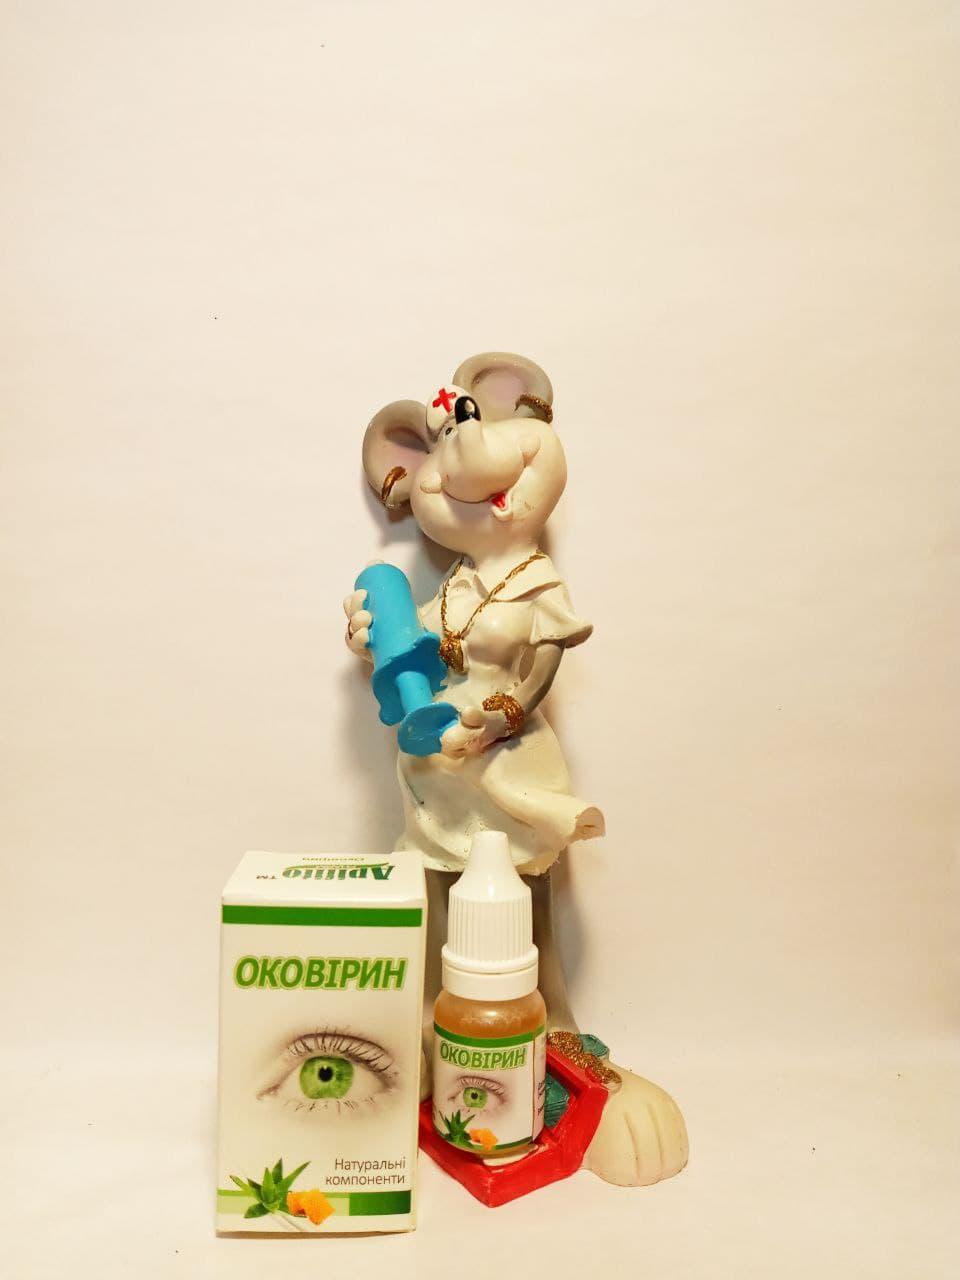 растительные капли для глаз Оковирин в комплексно лечении заболеваний глаз и профилактике